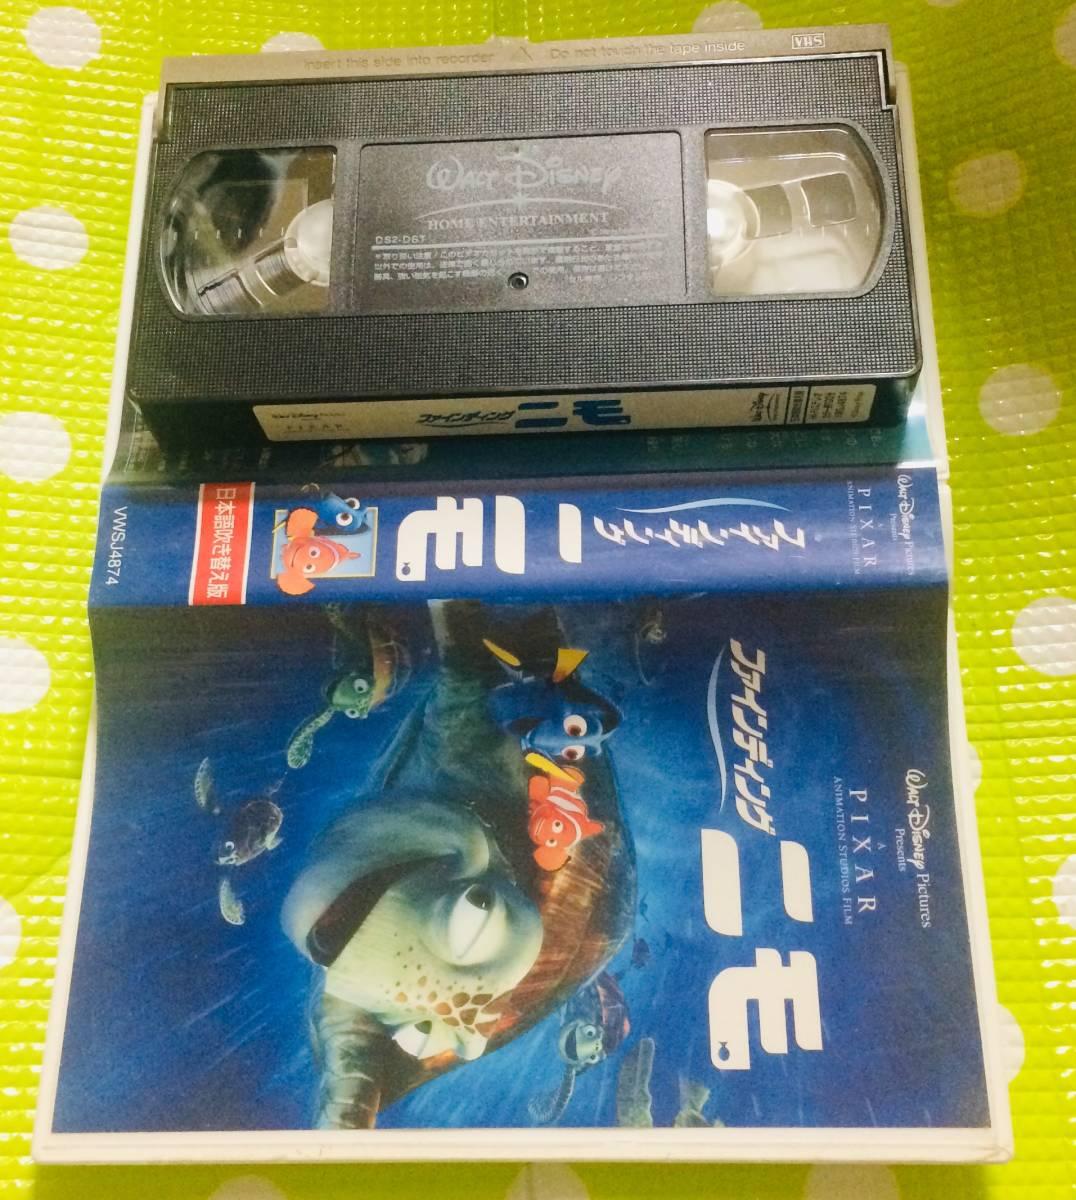 即決〈同梱歓迎〉VHS ファイティングニモ 日本語吹き替え版 ディズニー アニメ◎その他ビデオ多数出品中θt6928_画像1